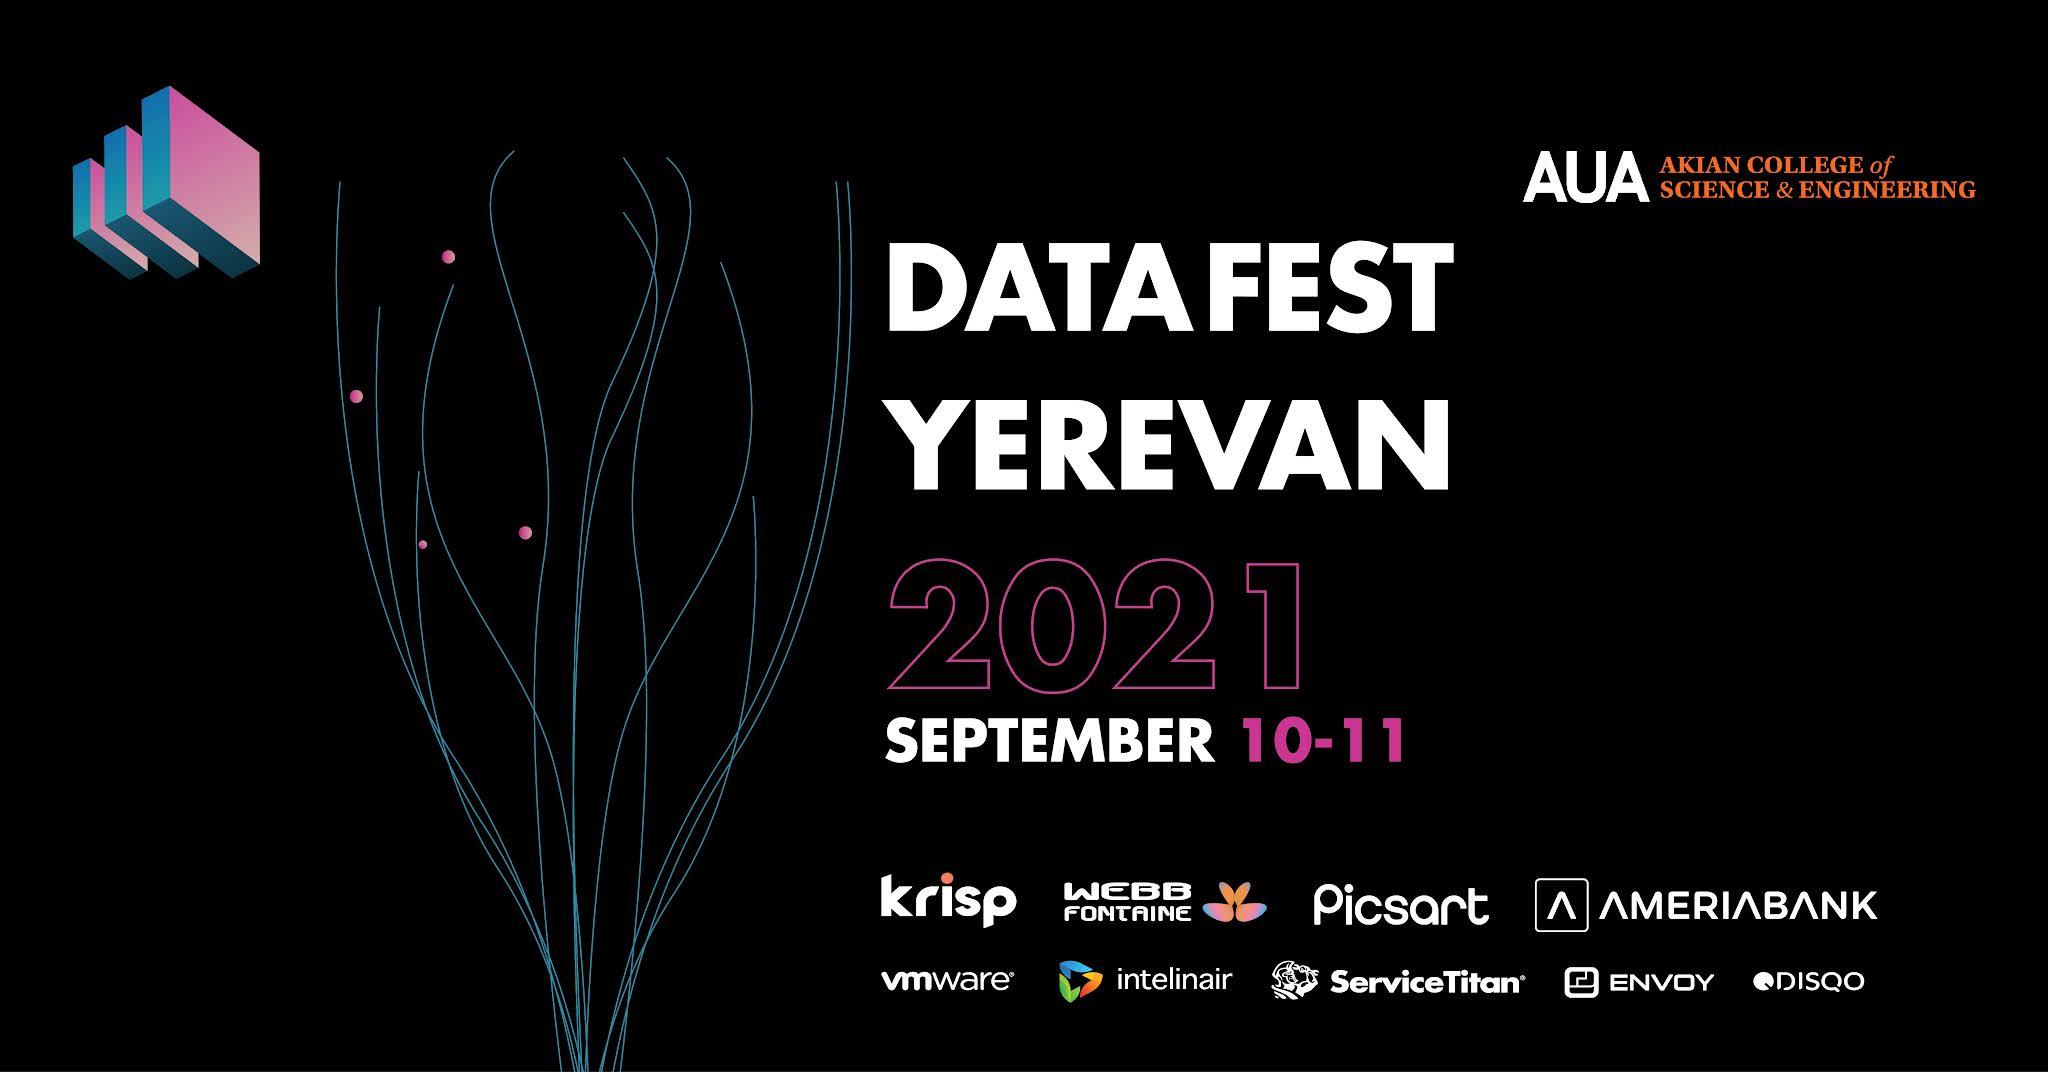 DataFest Yerevan 2021